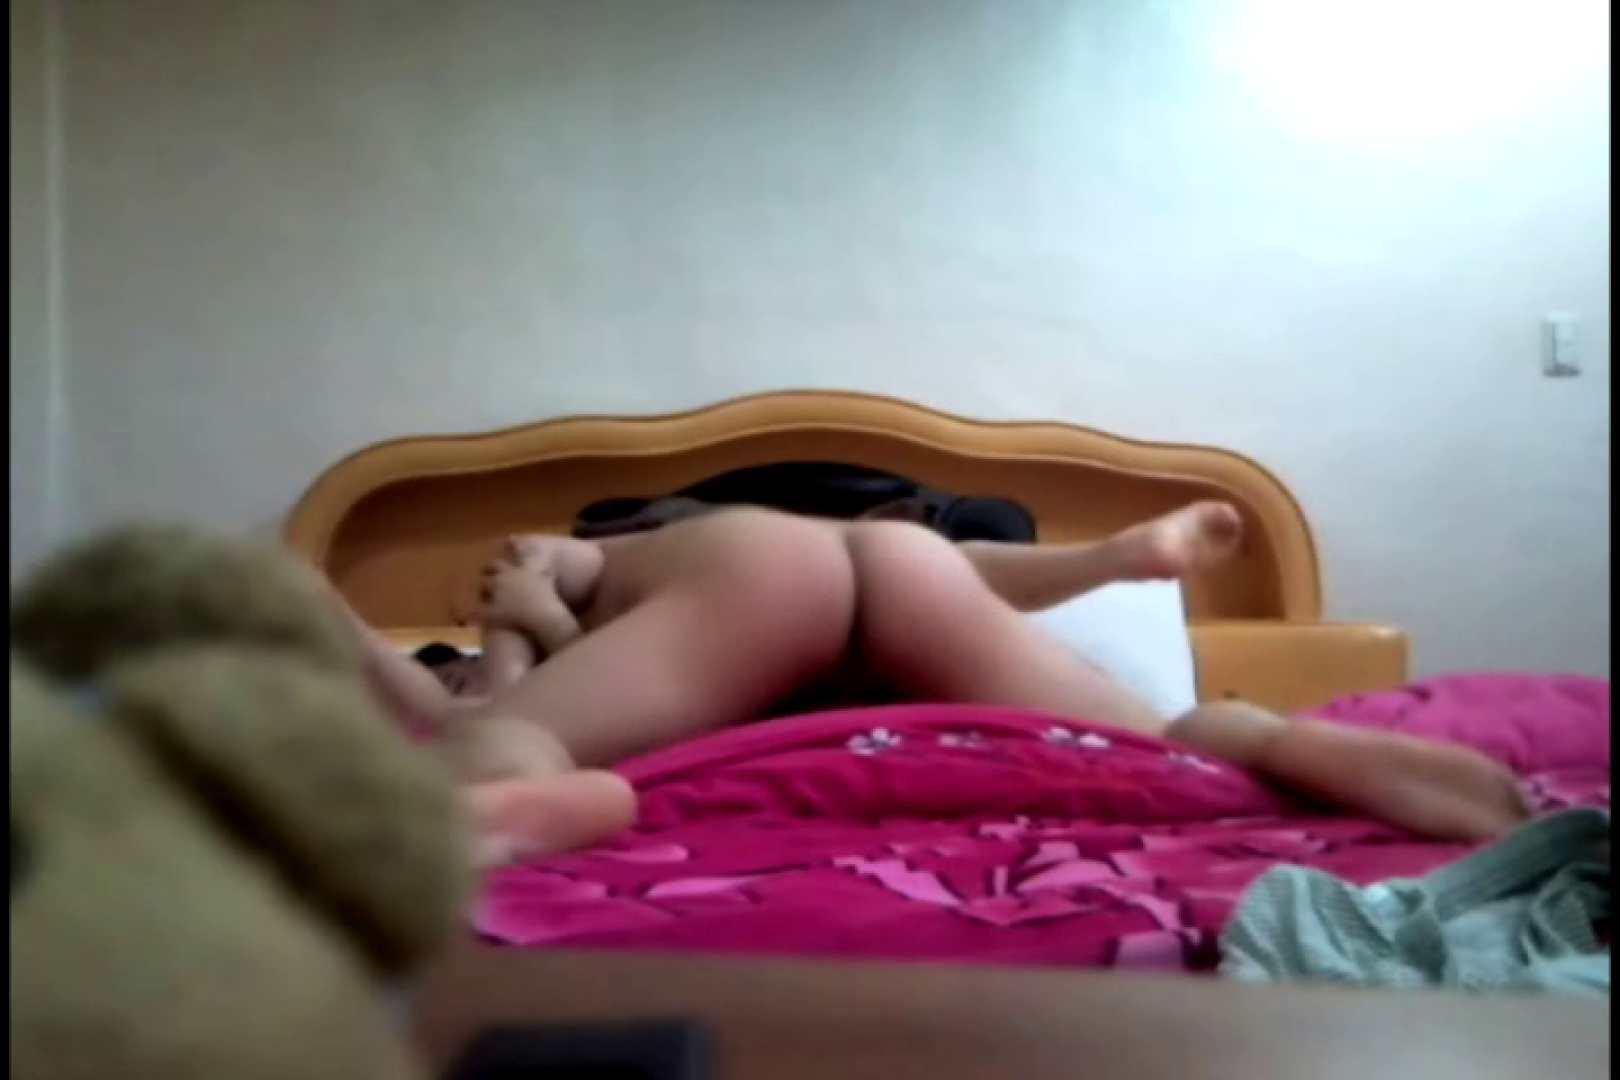 コリアン素人流出シリーズ ラブホテル隠し撮り ラブホテル隠し撮り おめこ無修正画像 78pic 27